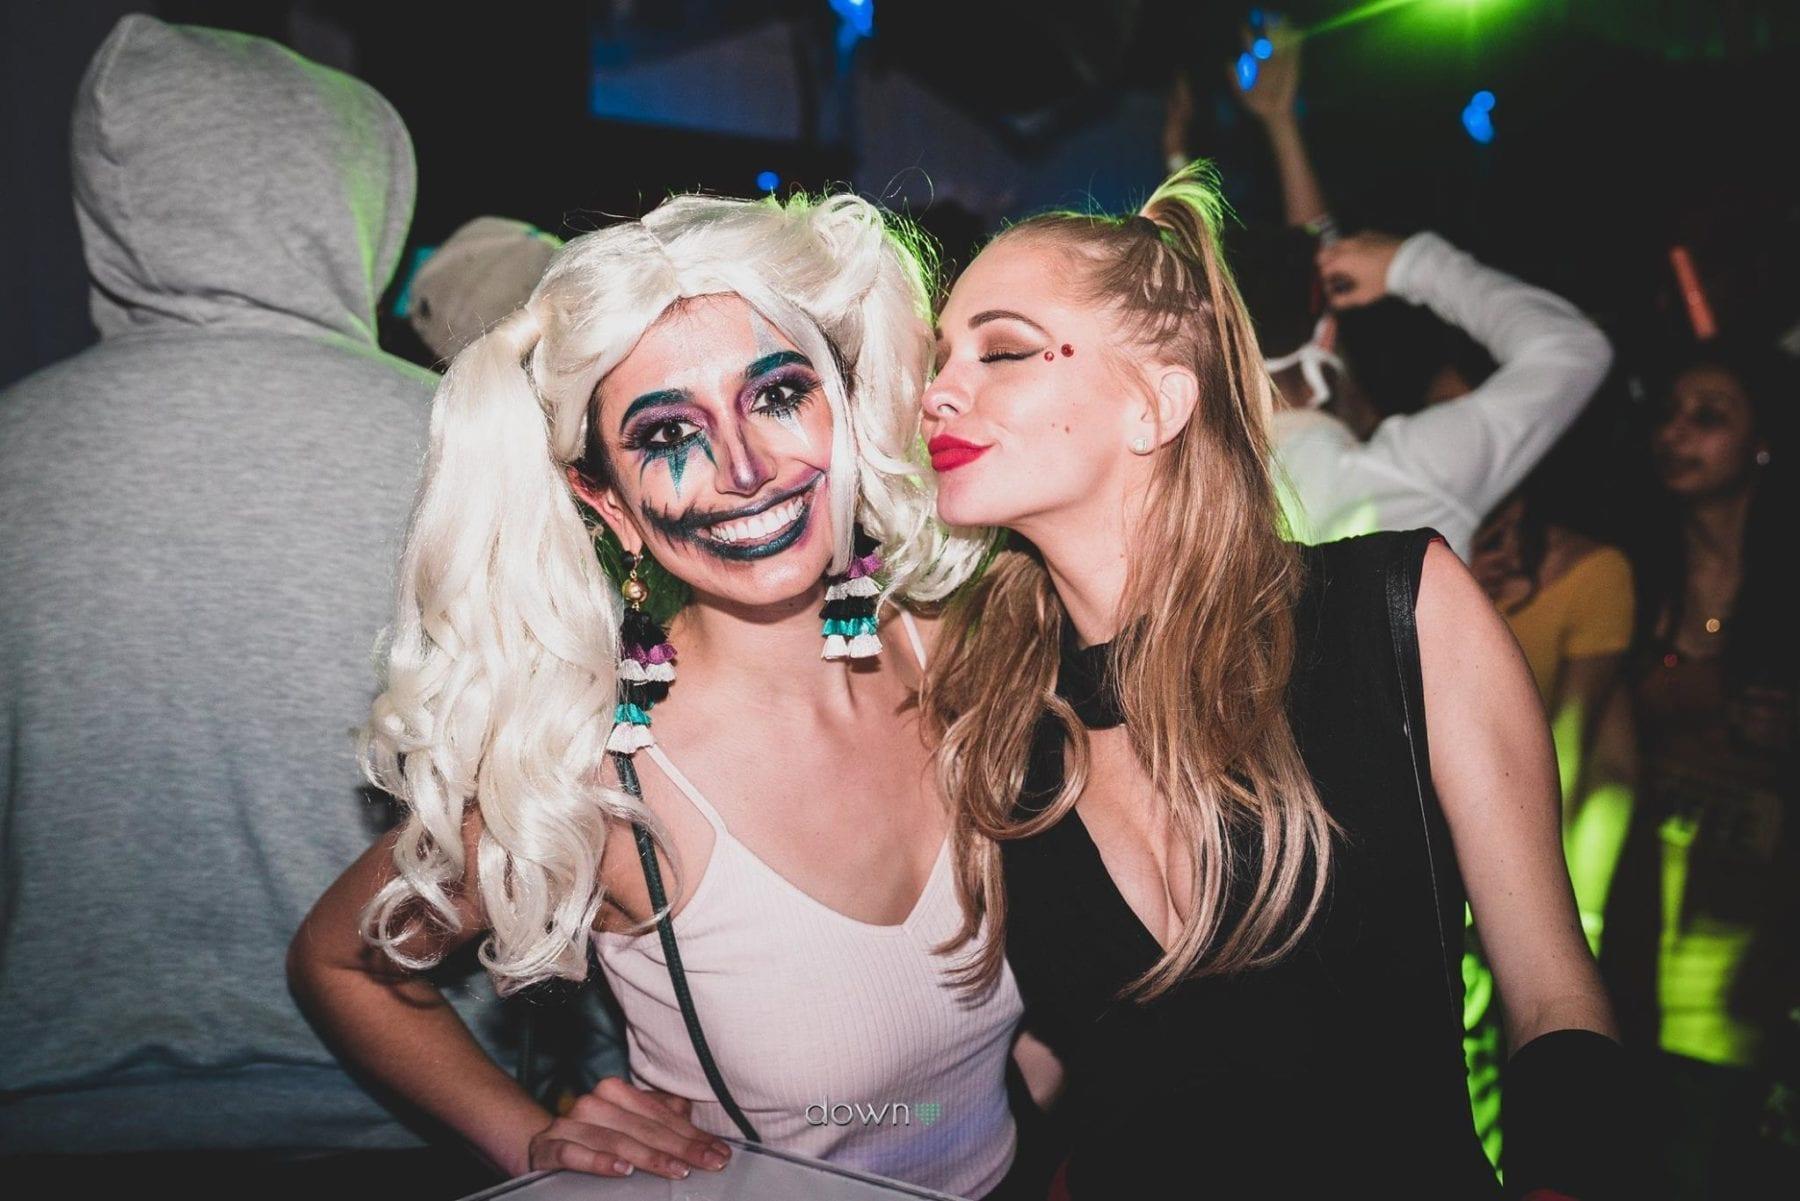 Thriller - The UK's Biggest Old Skool RnB Halloween Festival